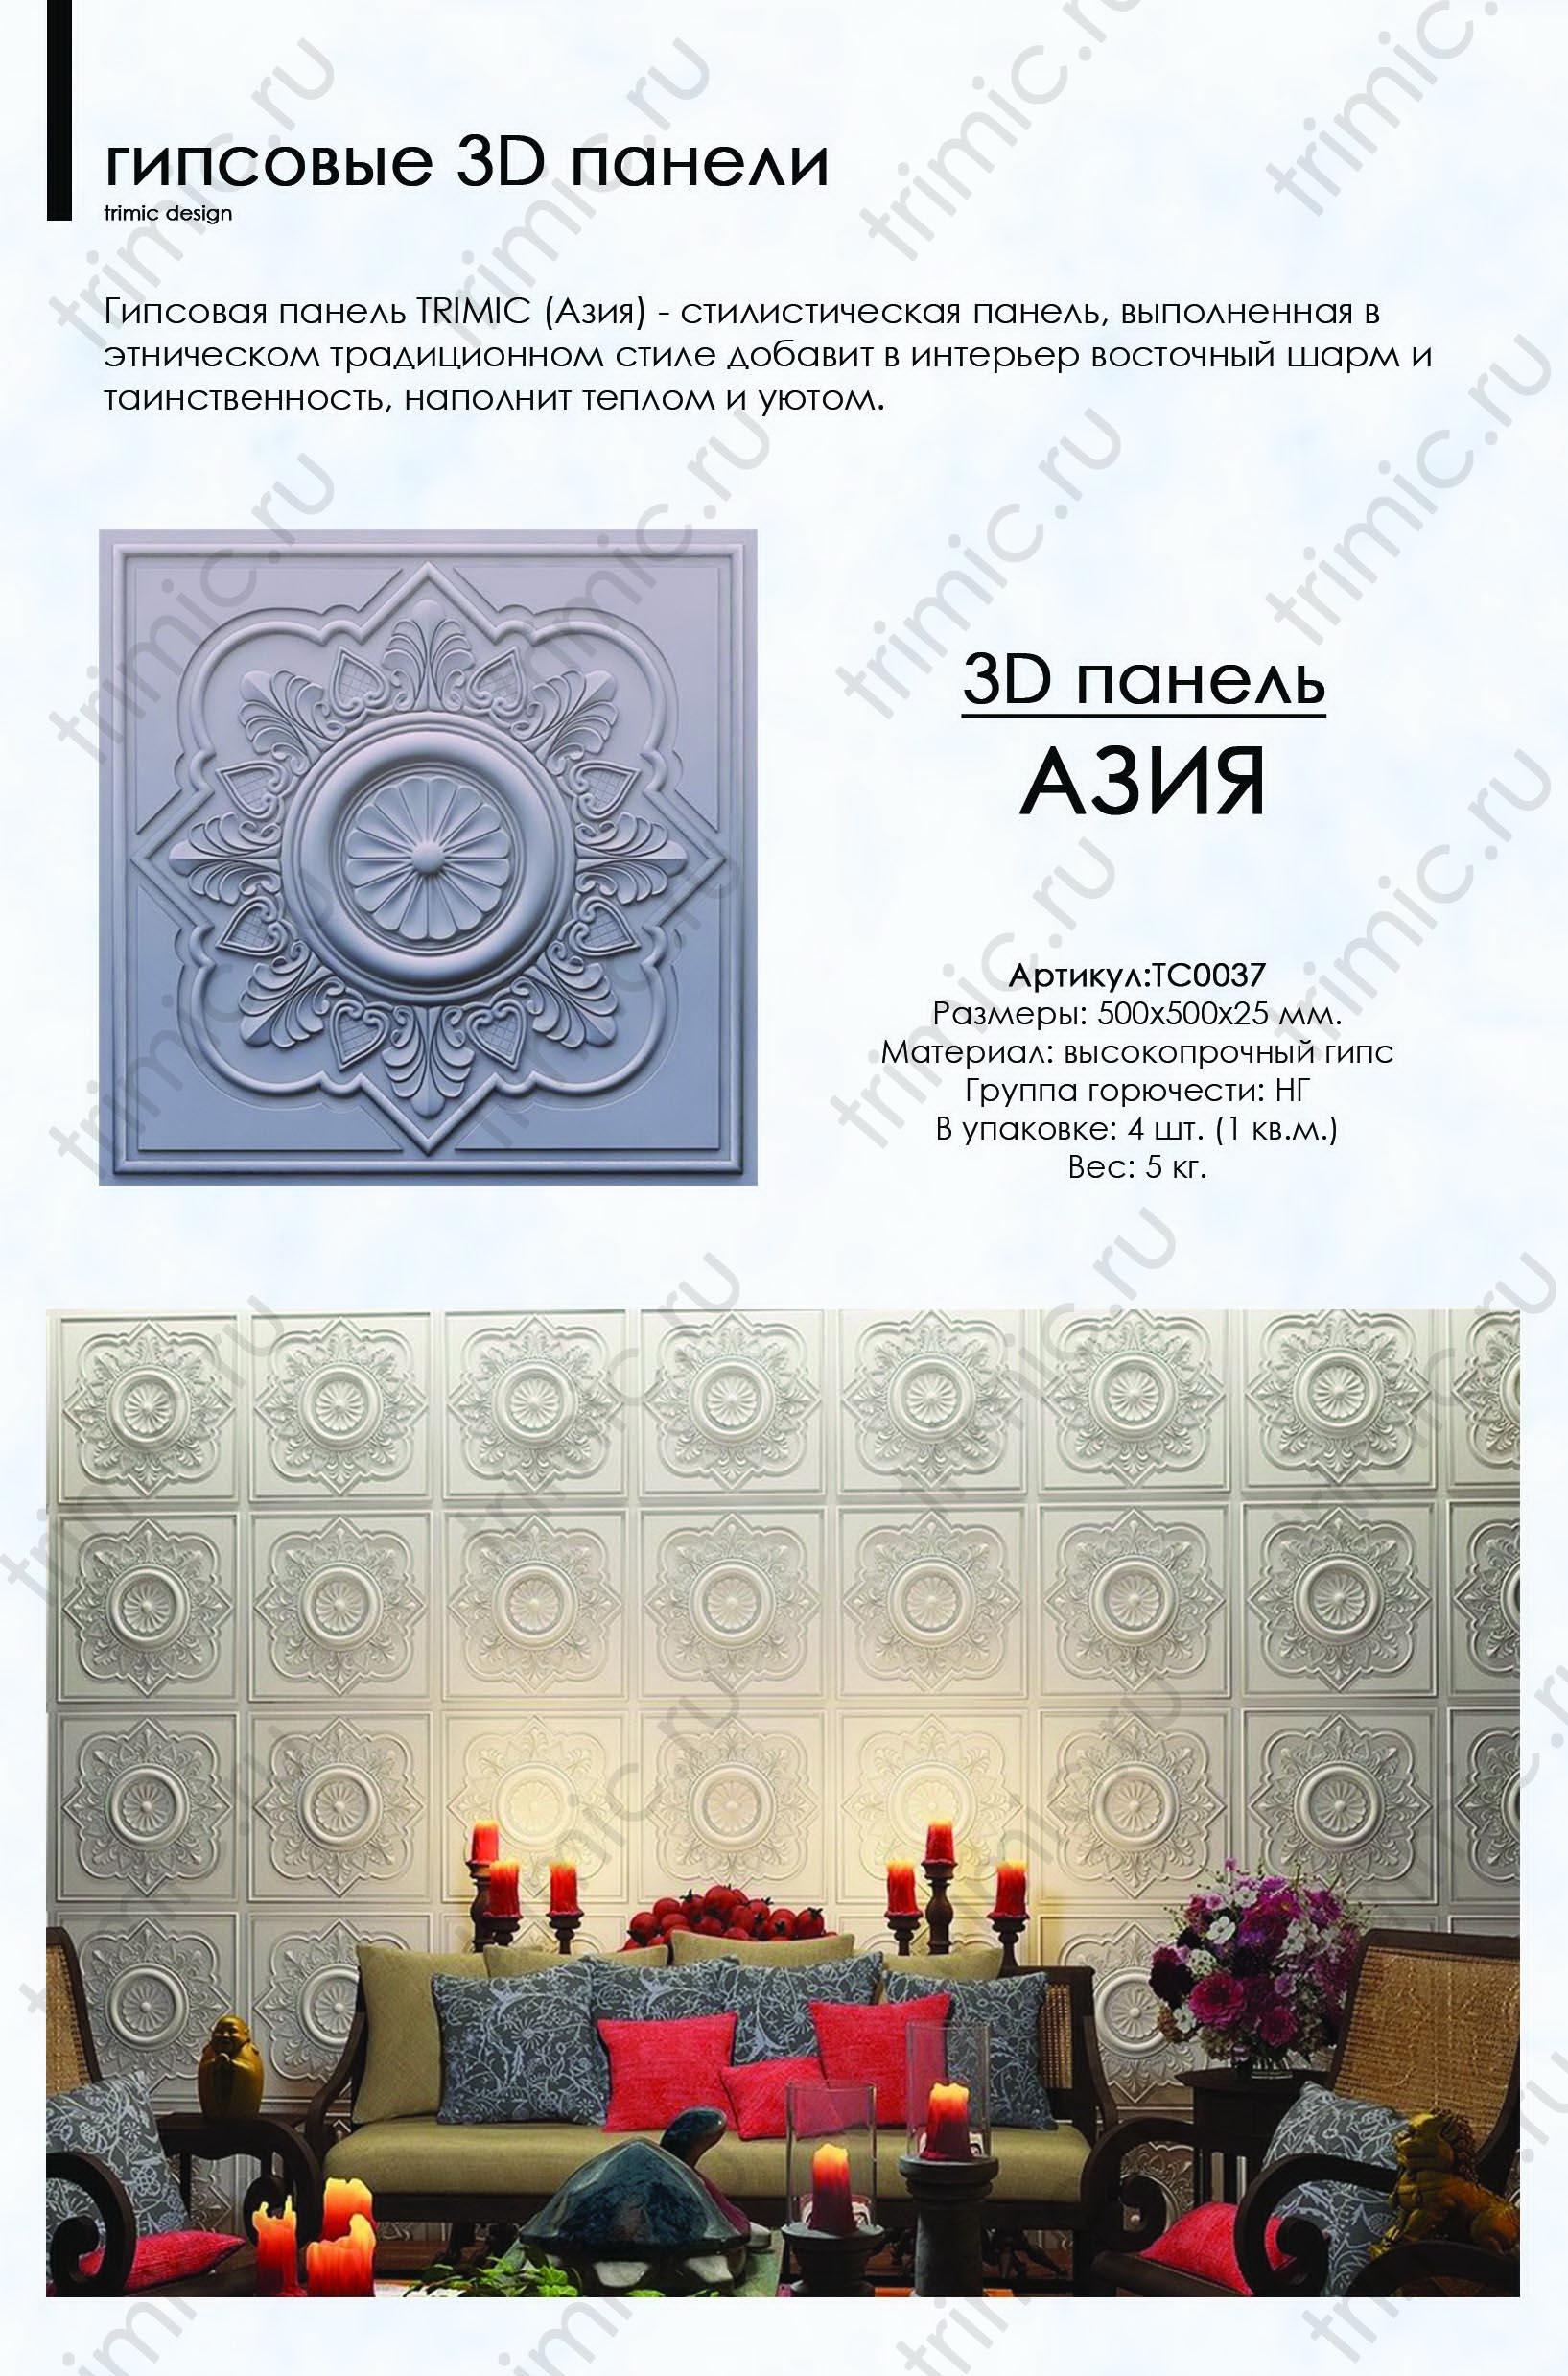 """Фотографии 3D панелей """"Азия"""" в интерьере"""